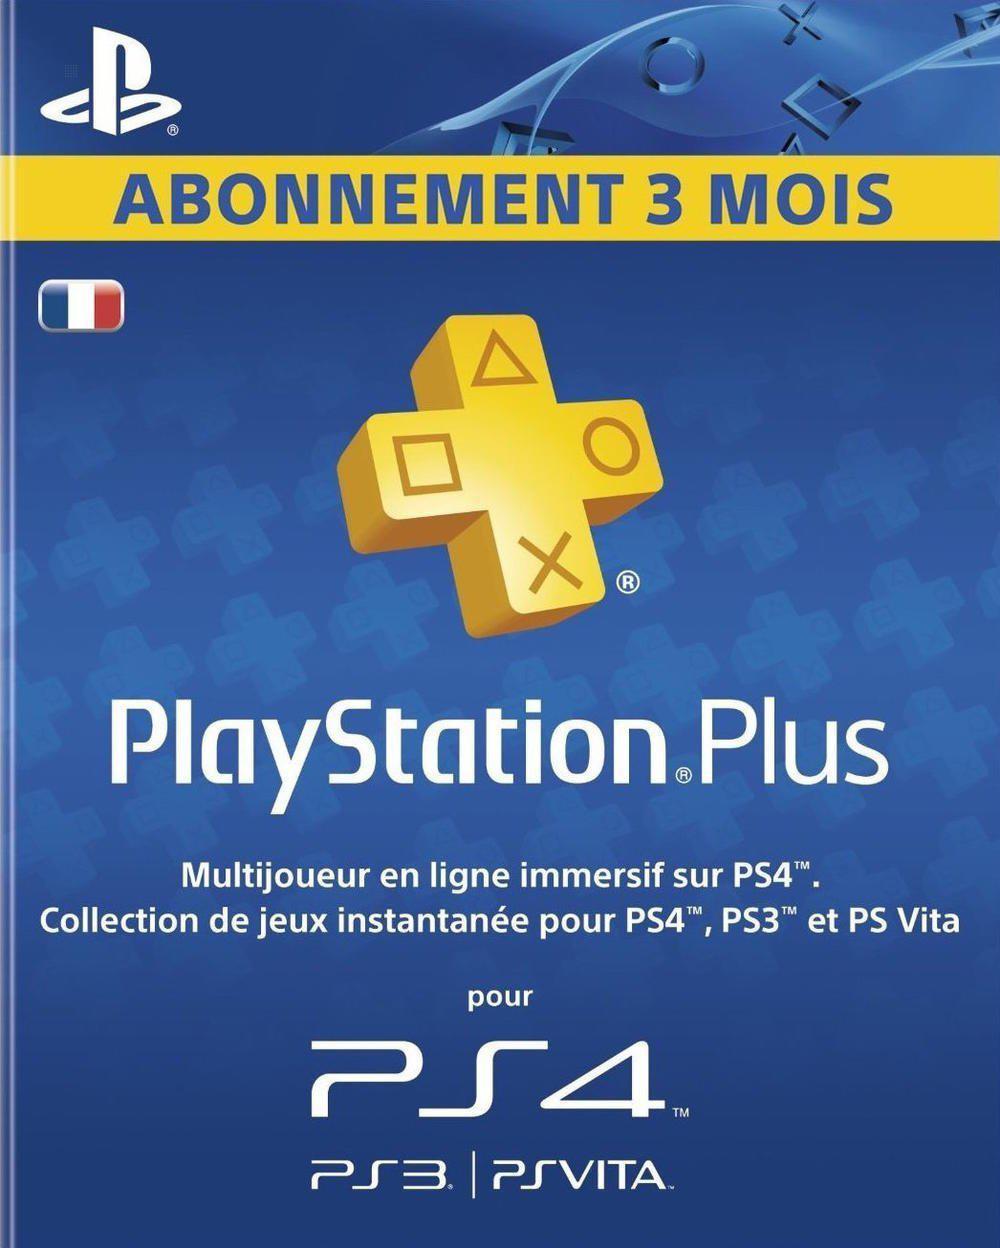 Abonnement Playstation Plus - 3 mois